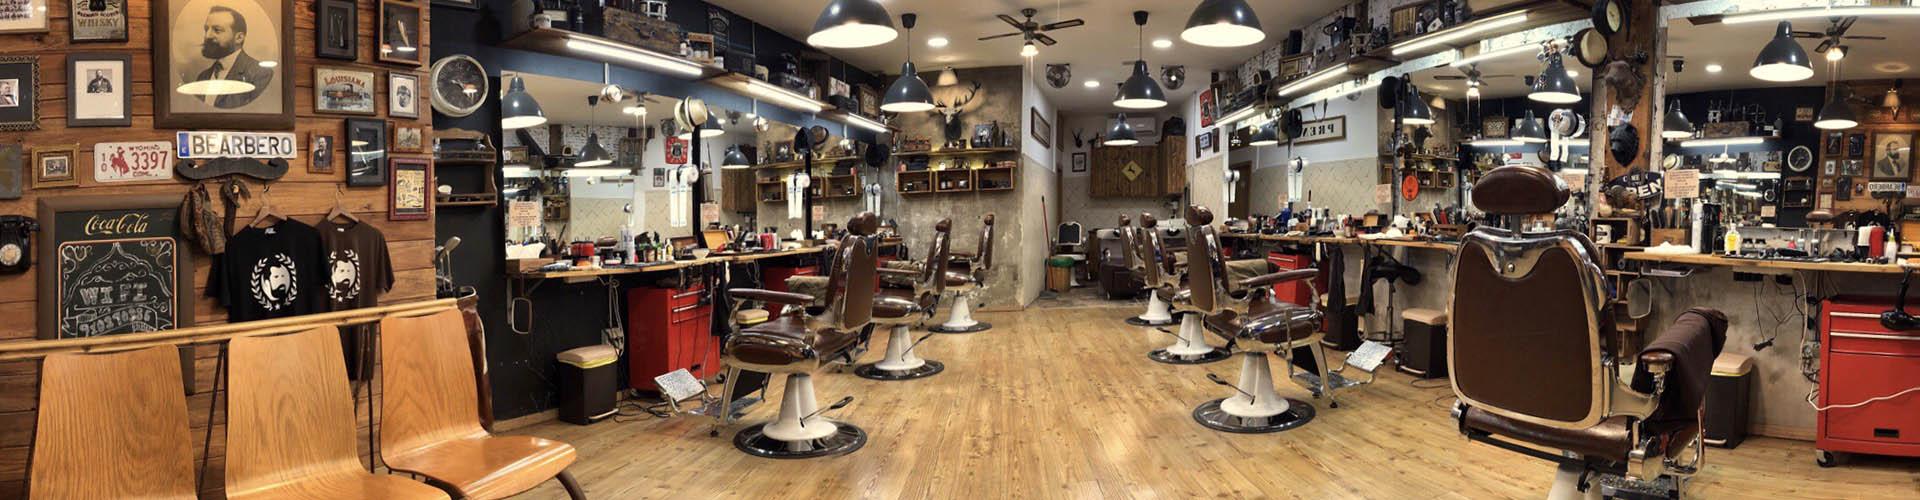 Barbería Bearbero en calle Embajadores